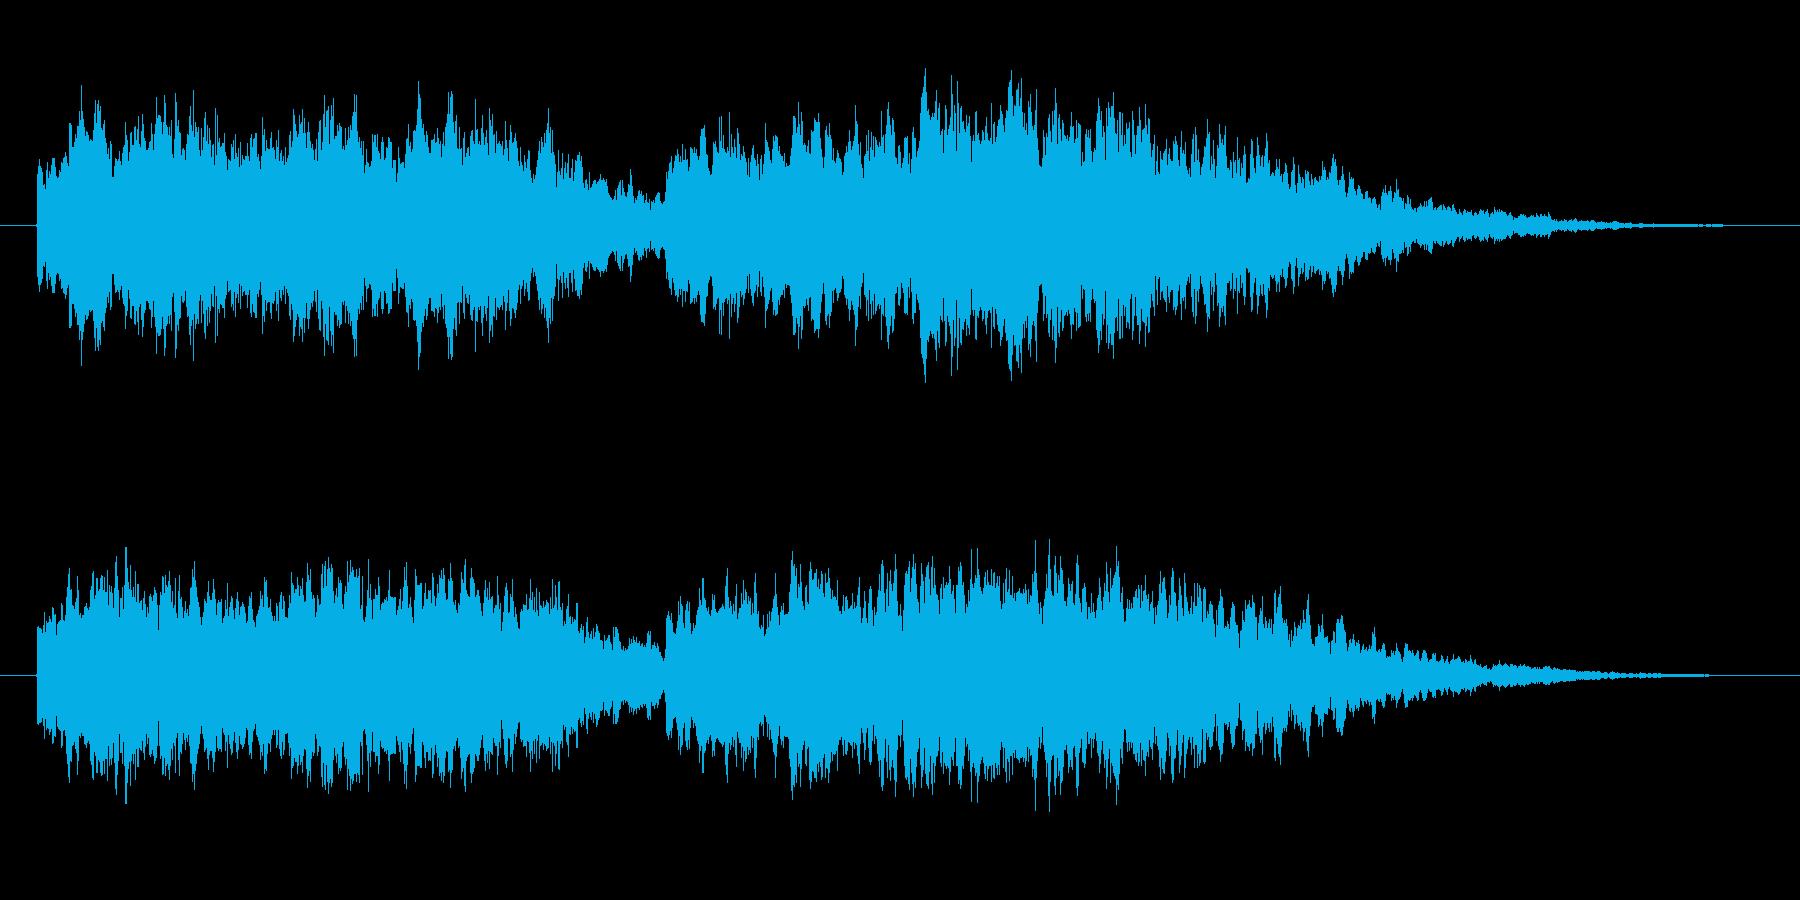 キーンコーンカーンコーンの再生済みの波形